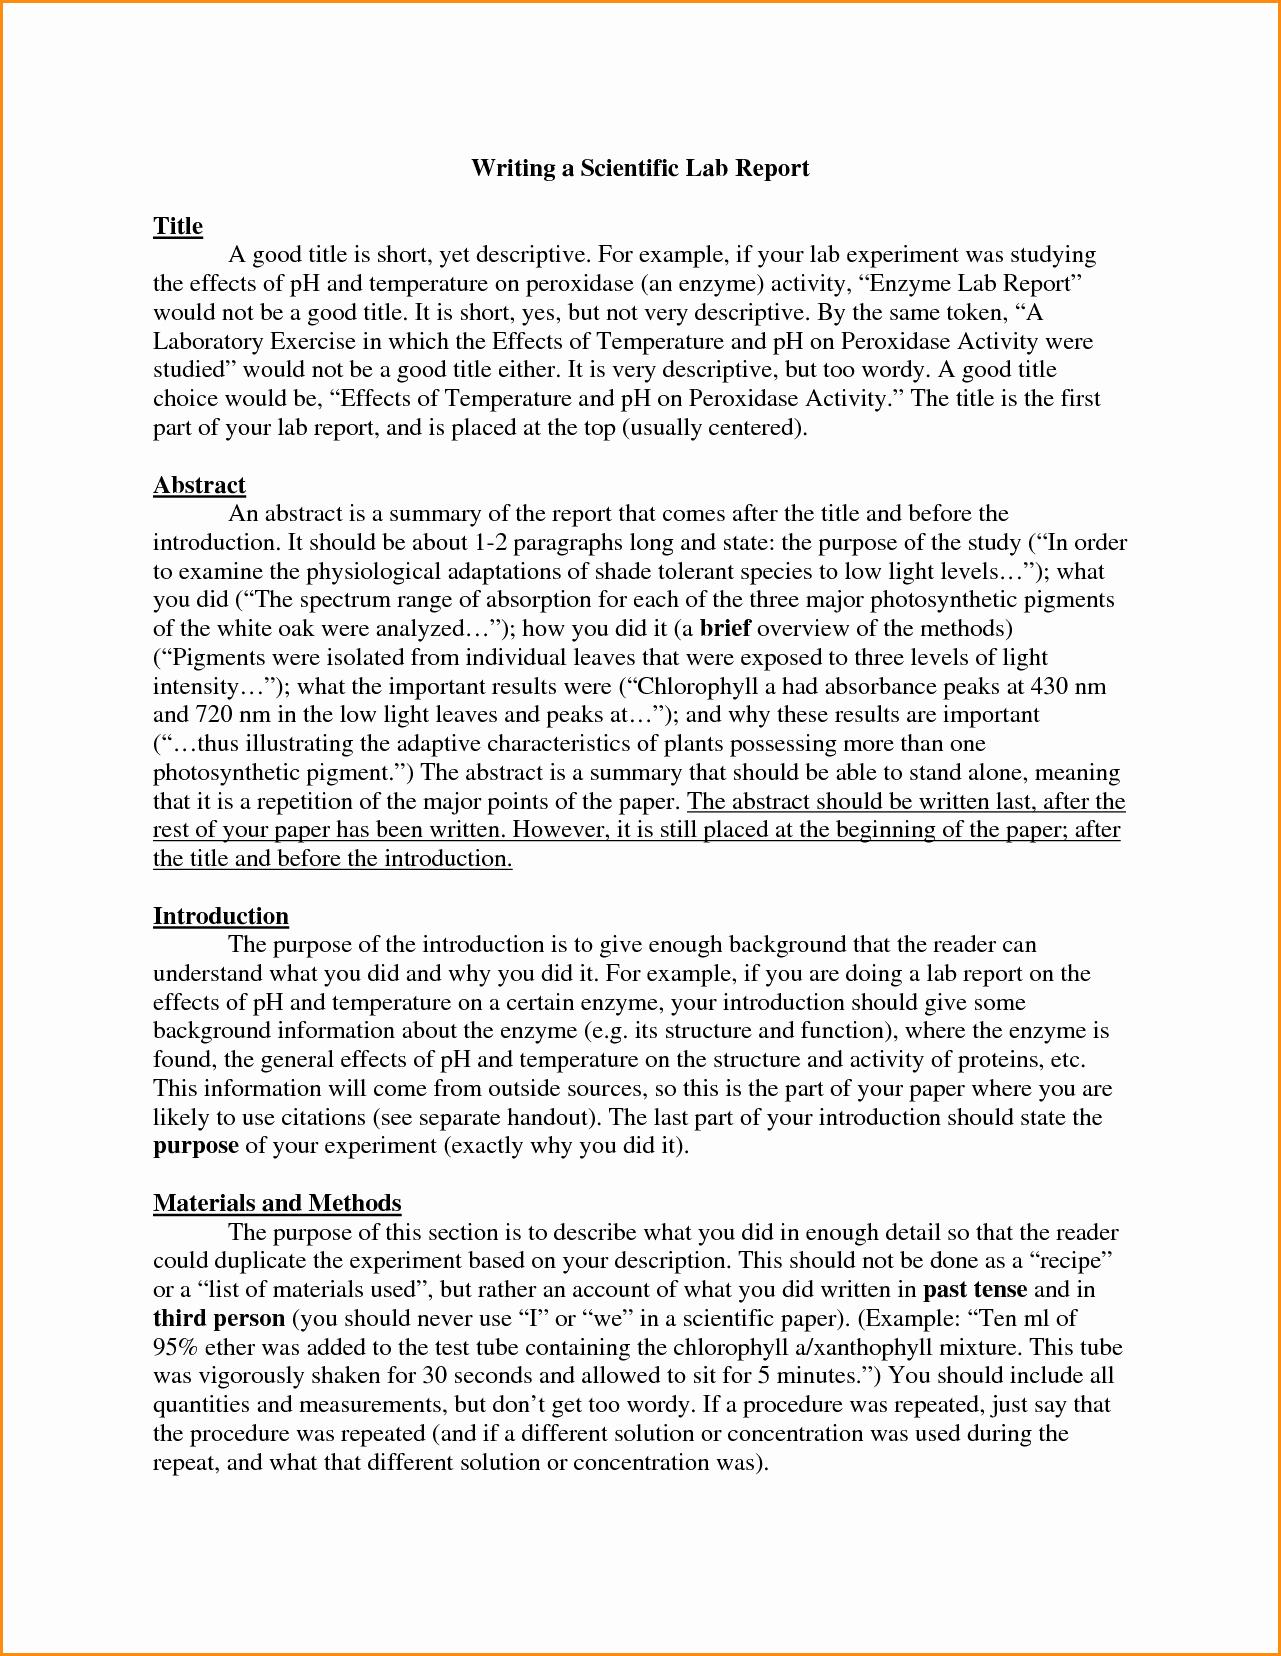 Scientific Lab Report Template Elegant Scientific Report Template Beautiful Template Design Ideas